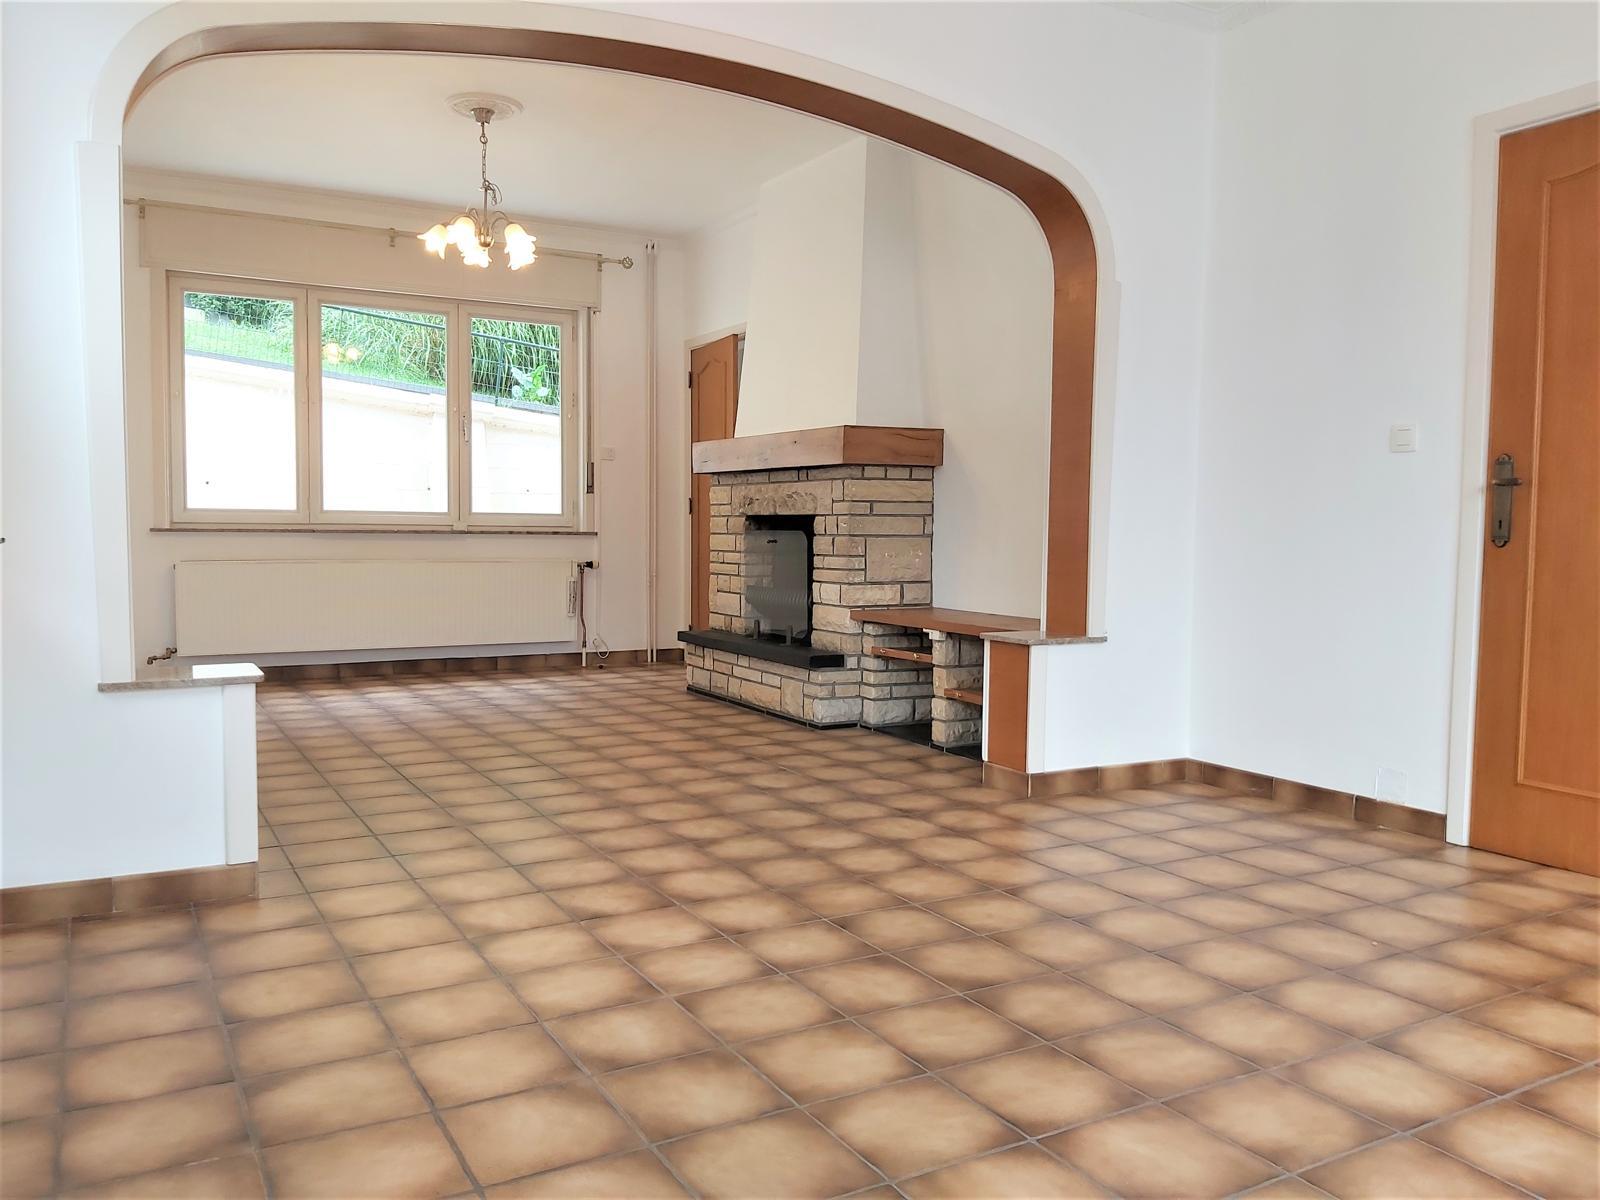 Maison - Genappe - #4508816-3